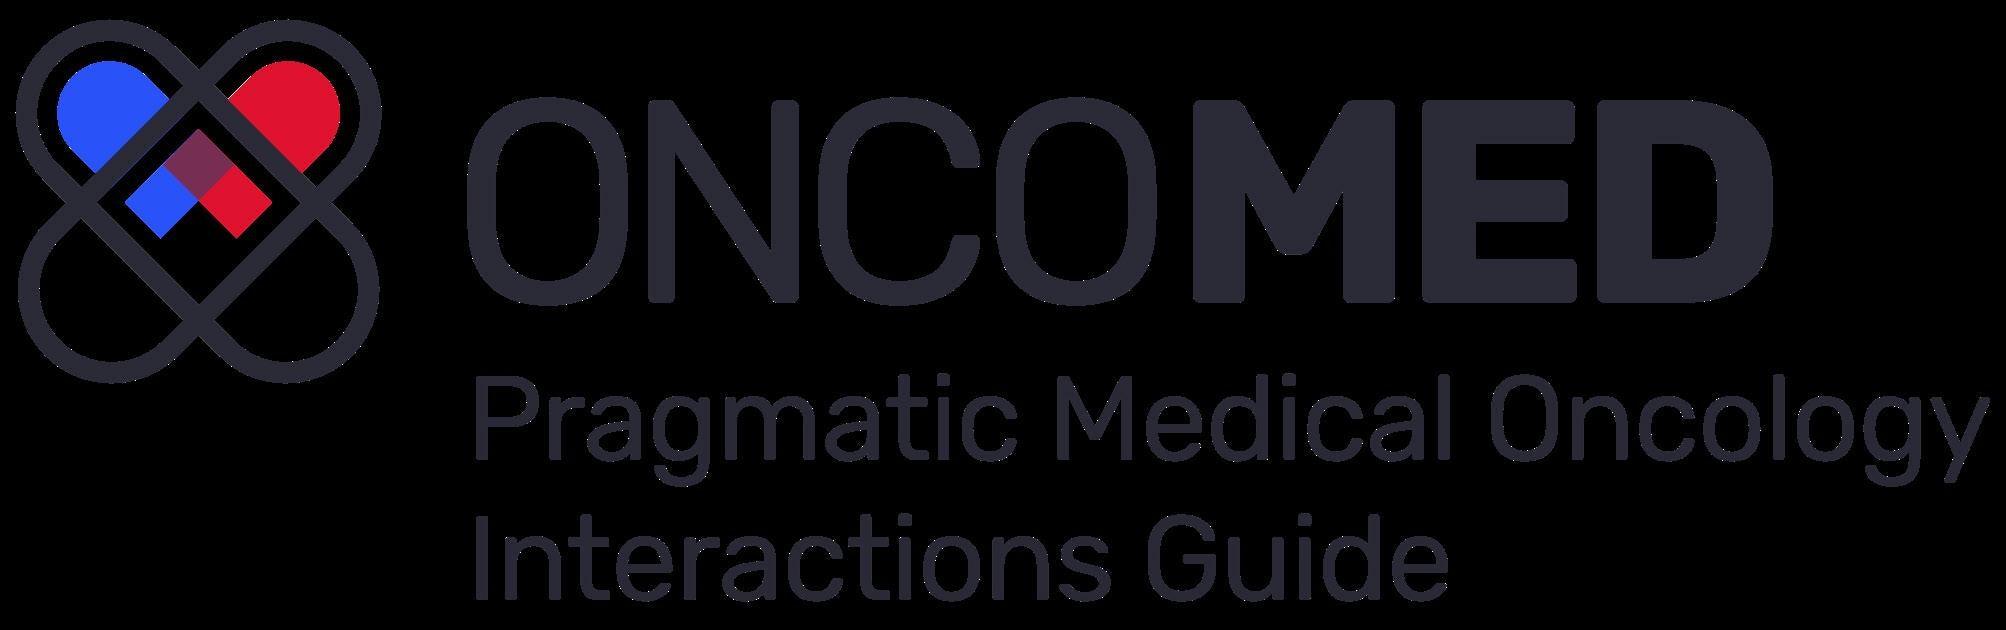 Page 8 of Ny hjemmeside giver vejledning i lægemiddelinteraktioner mellem kræftlægemidler og anden medicin, herunder NOAK